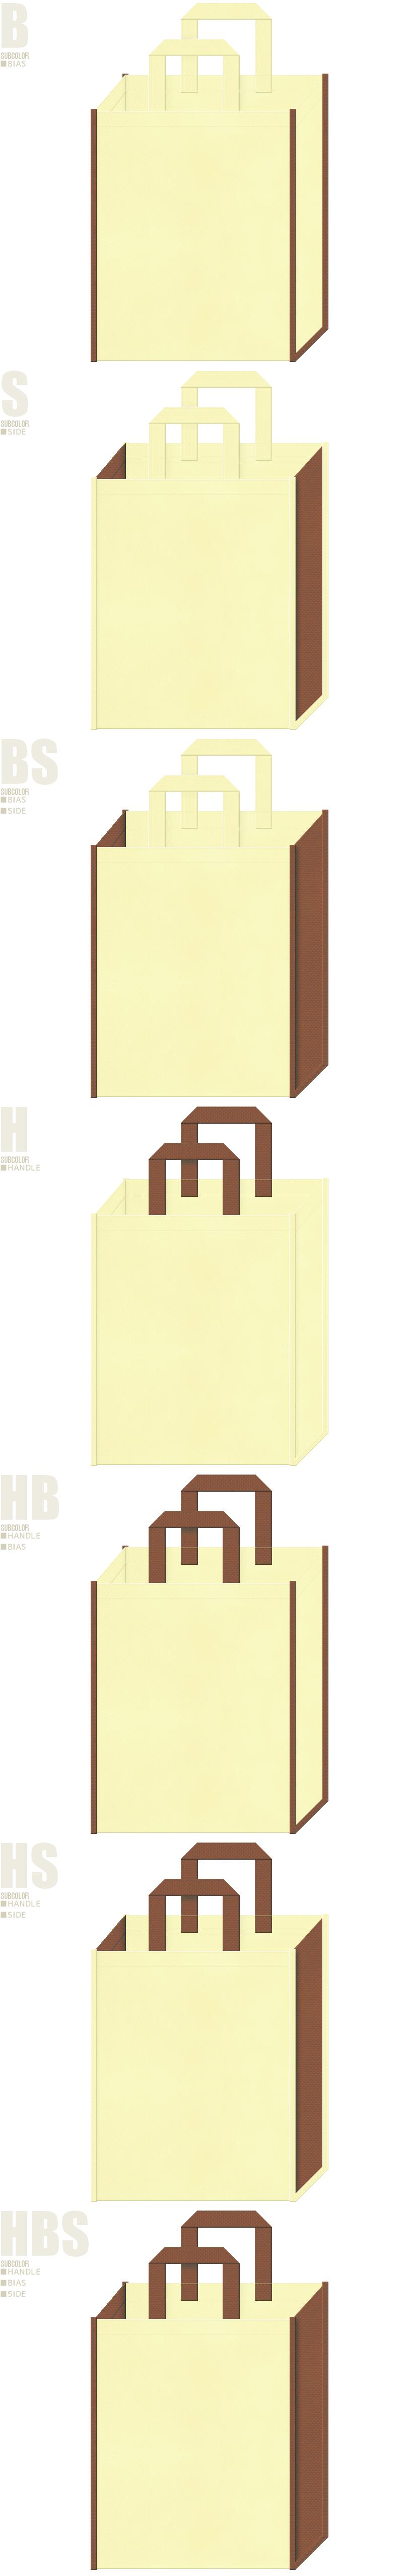 プリンイメージにお奨めです。薄黄色と茶色、7パターンの不織布トートバッグ配色デザイン例。